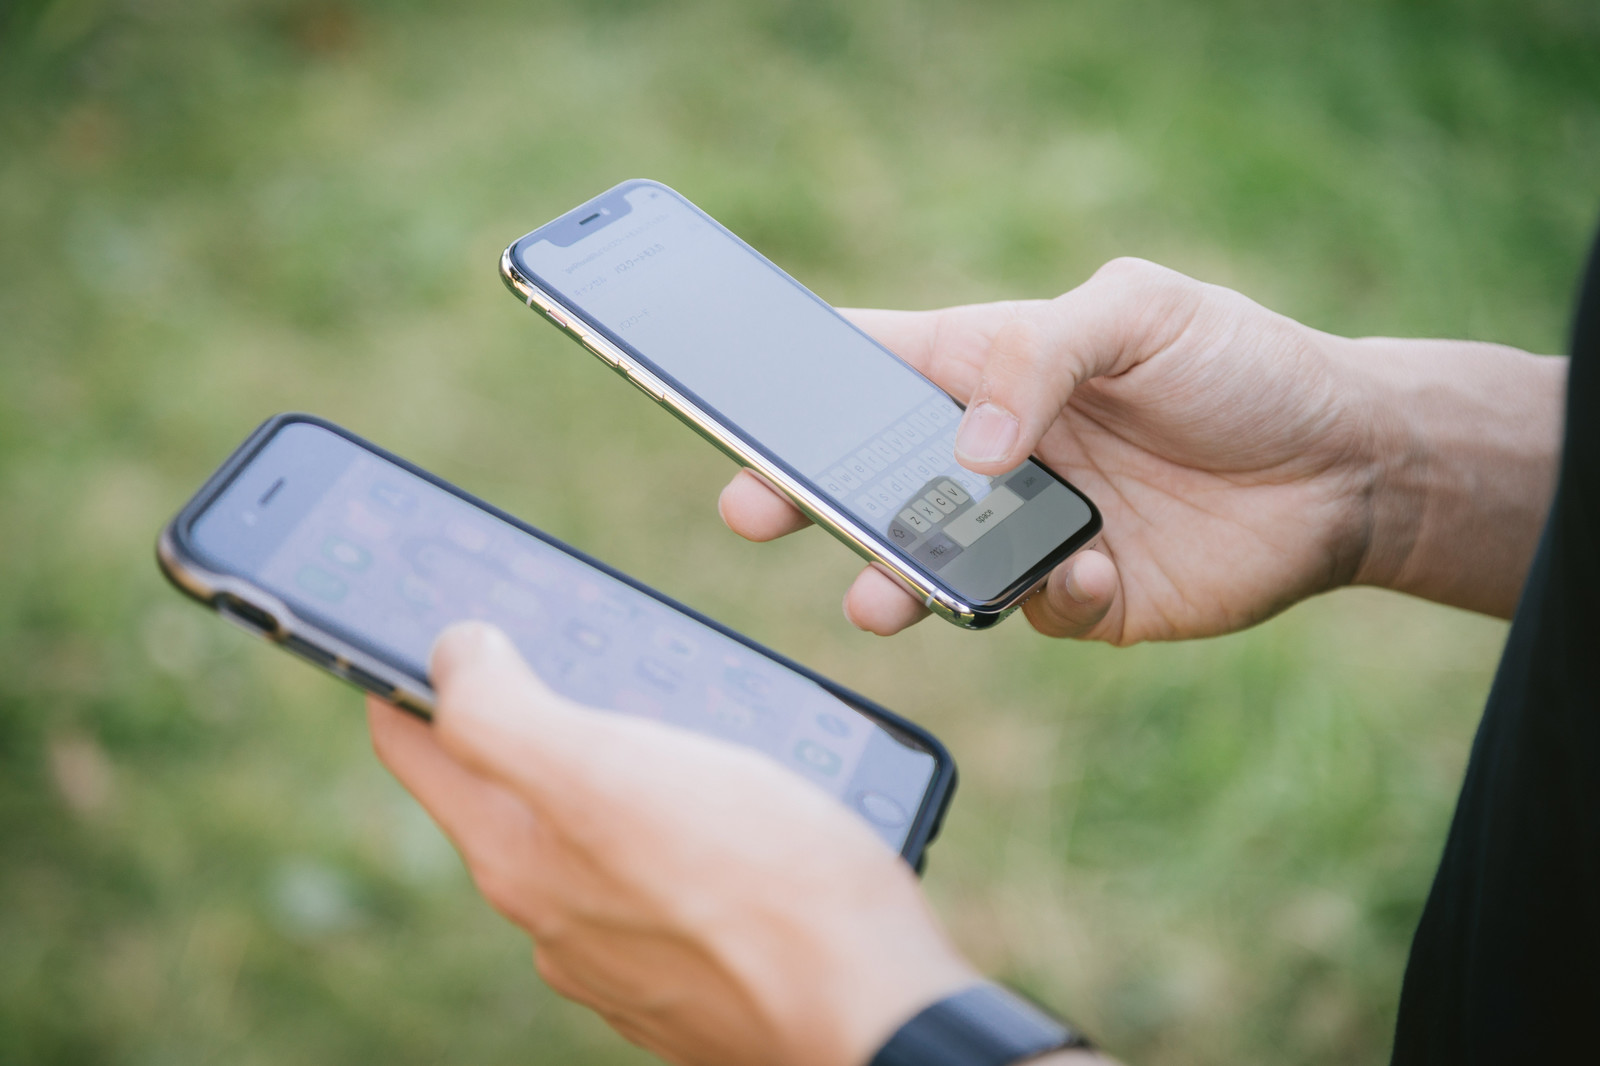 「2台のスマホ(iPhone)を操作する男性の手」の写真